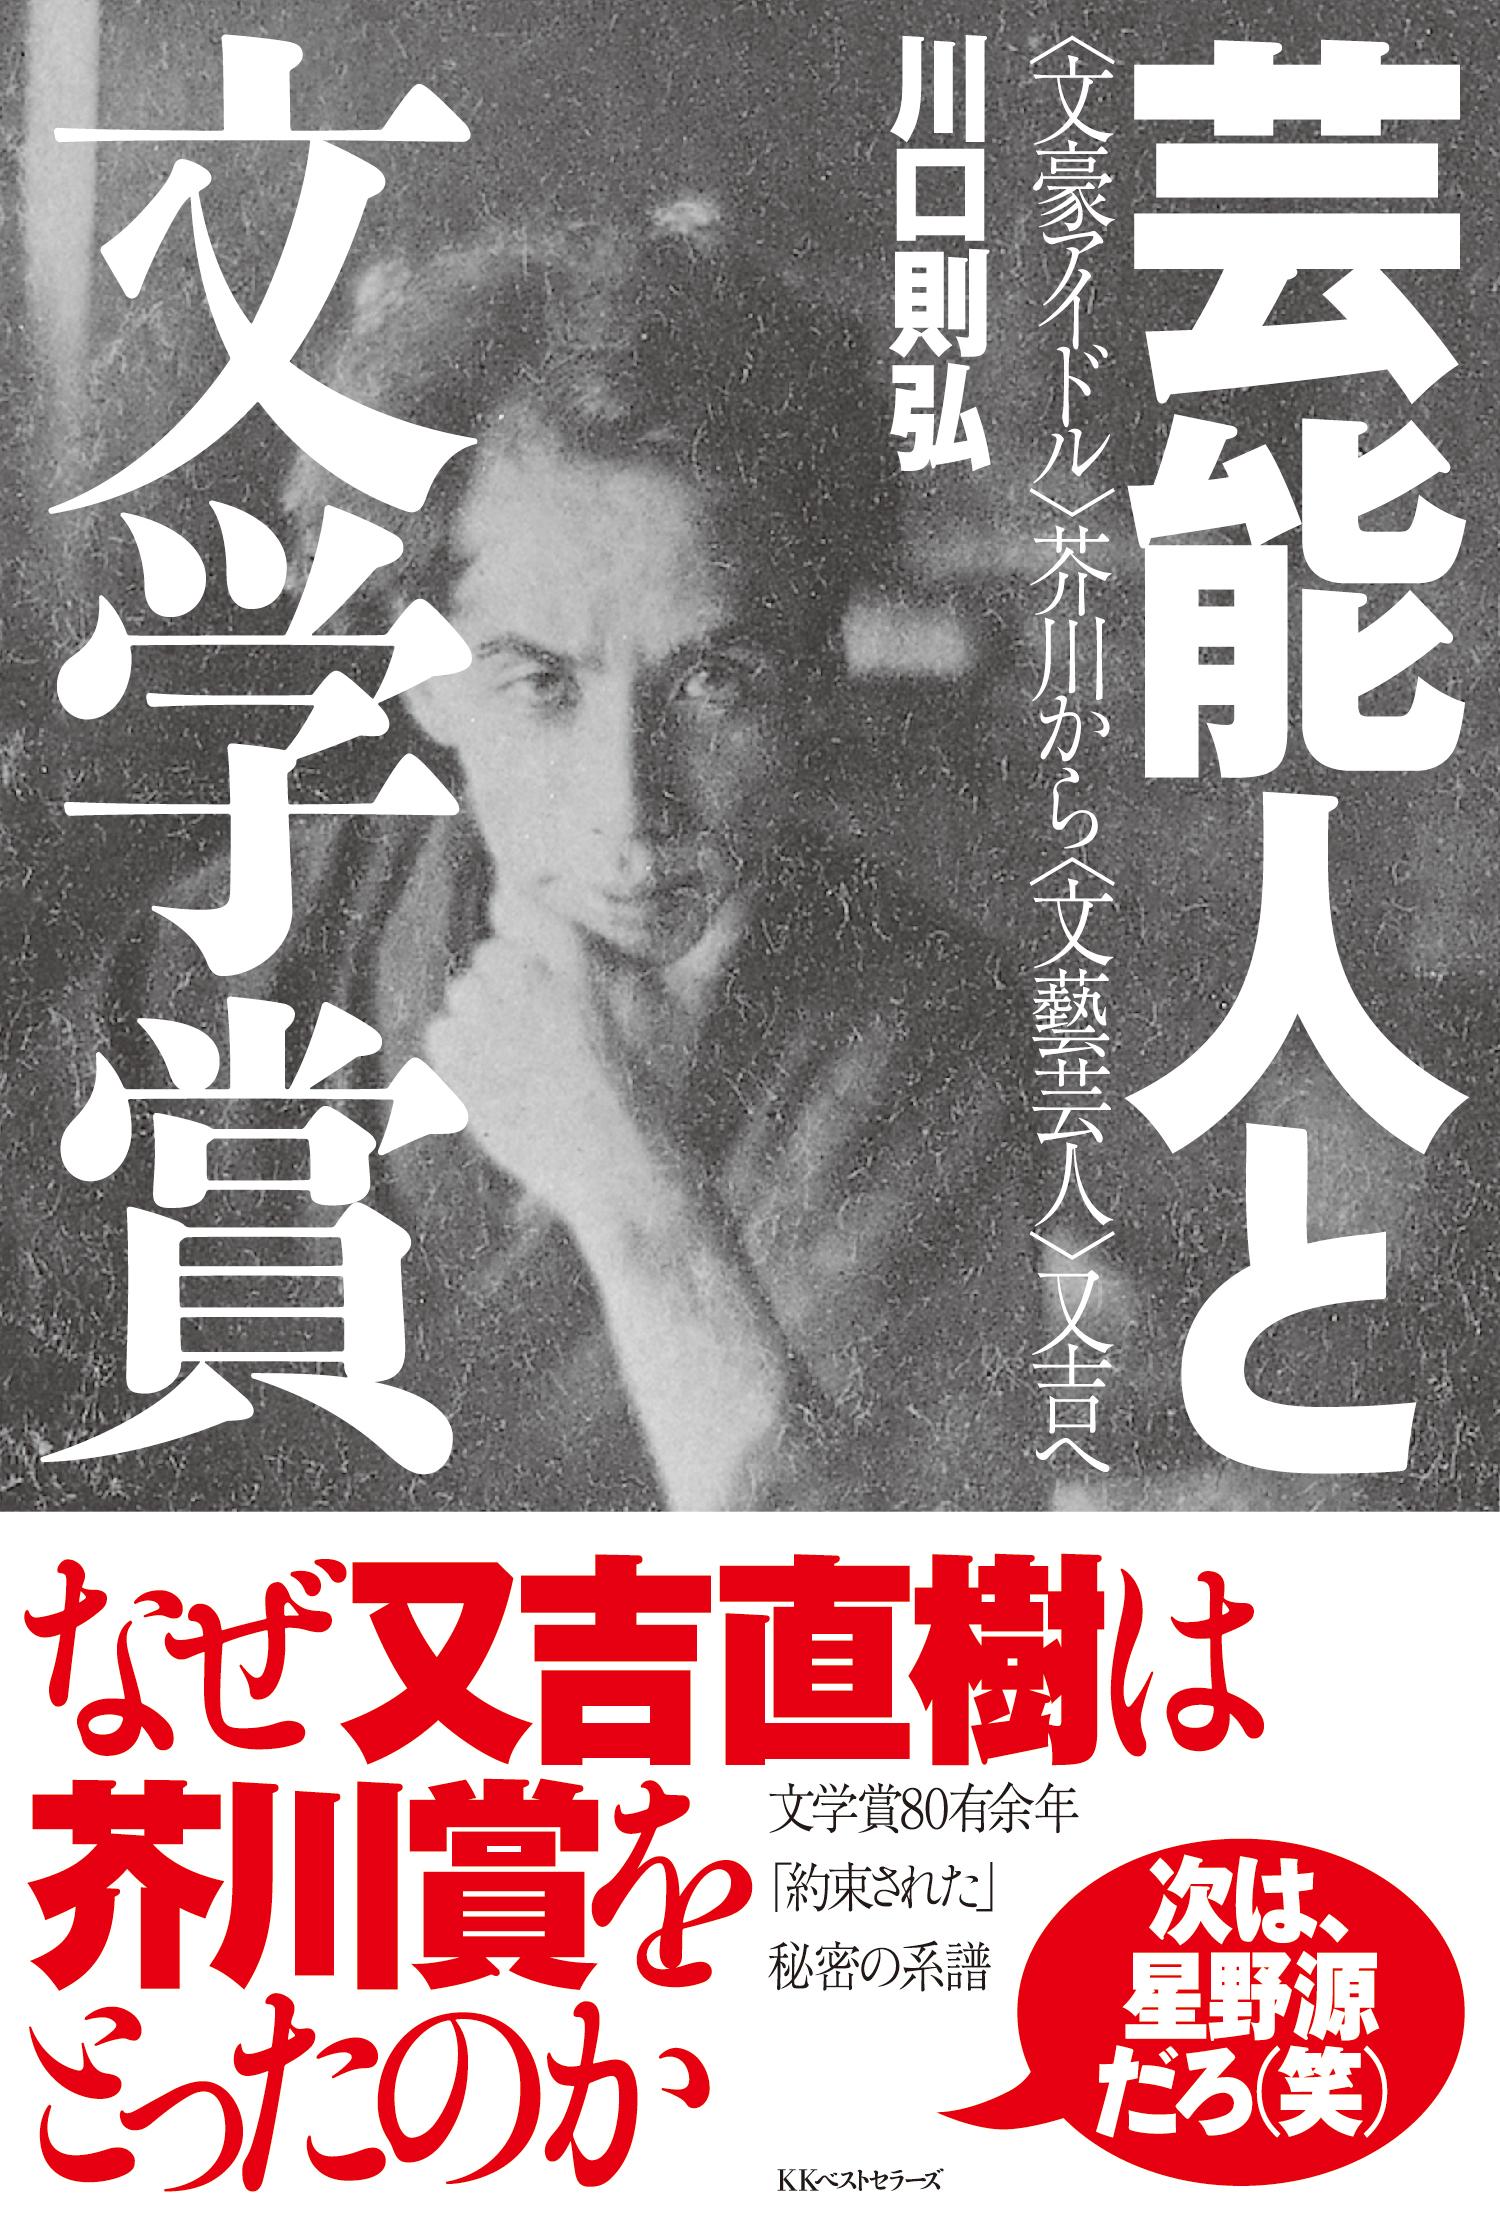 なぜ又吉直樹は芥川賞を取ったのか。なぜキョンキョンは講談社エッセイ賞を受賞したのか